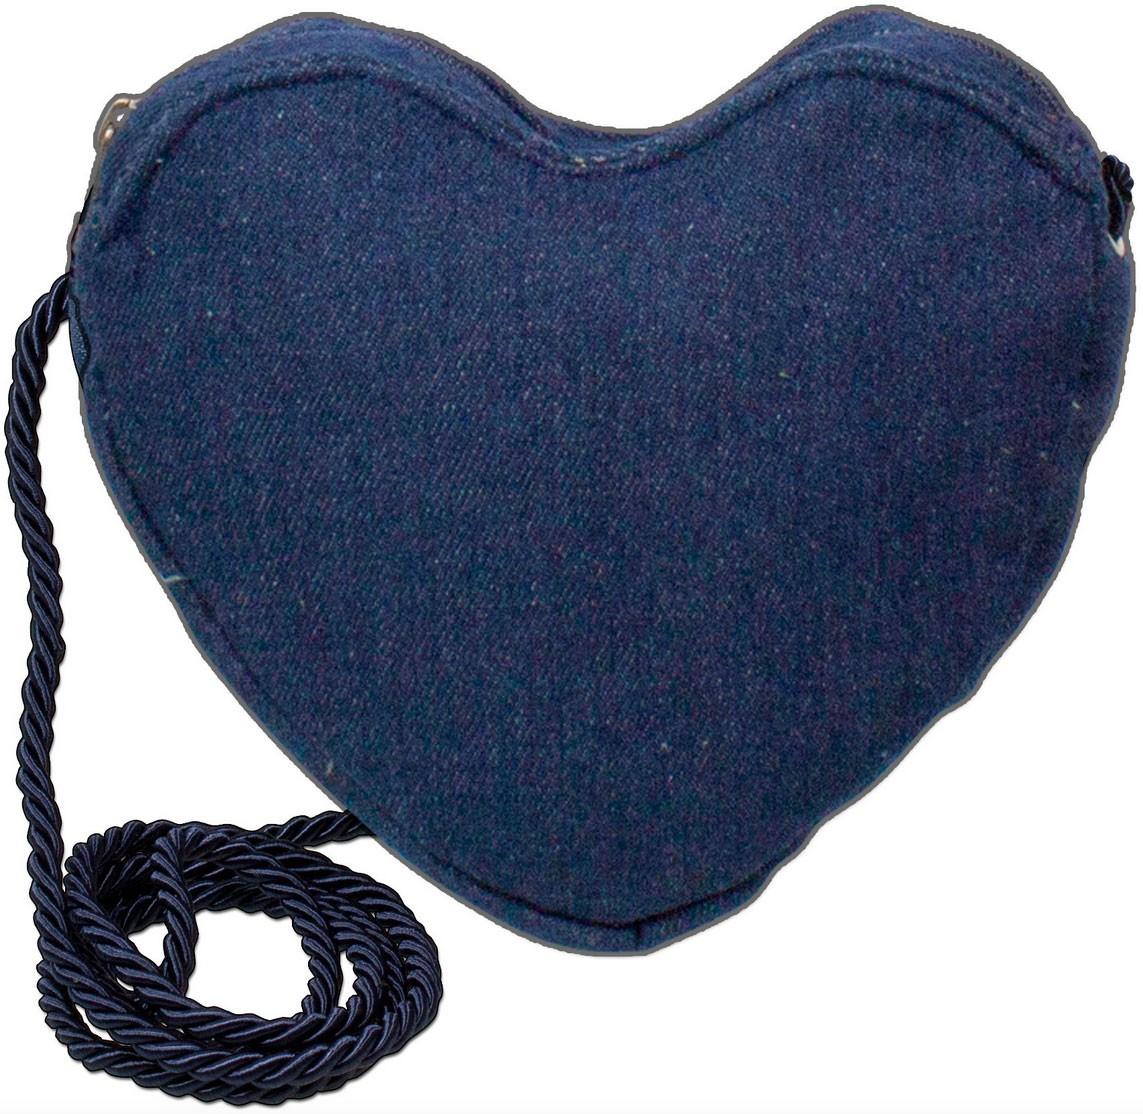 Herz Trachtentasche jeansblau